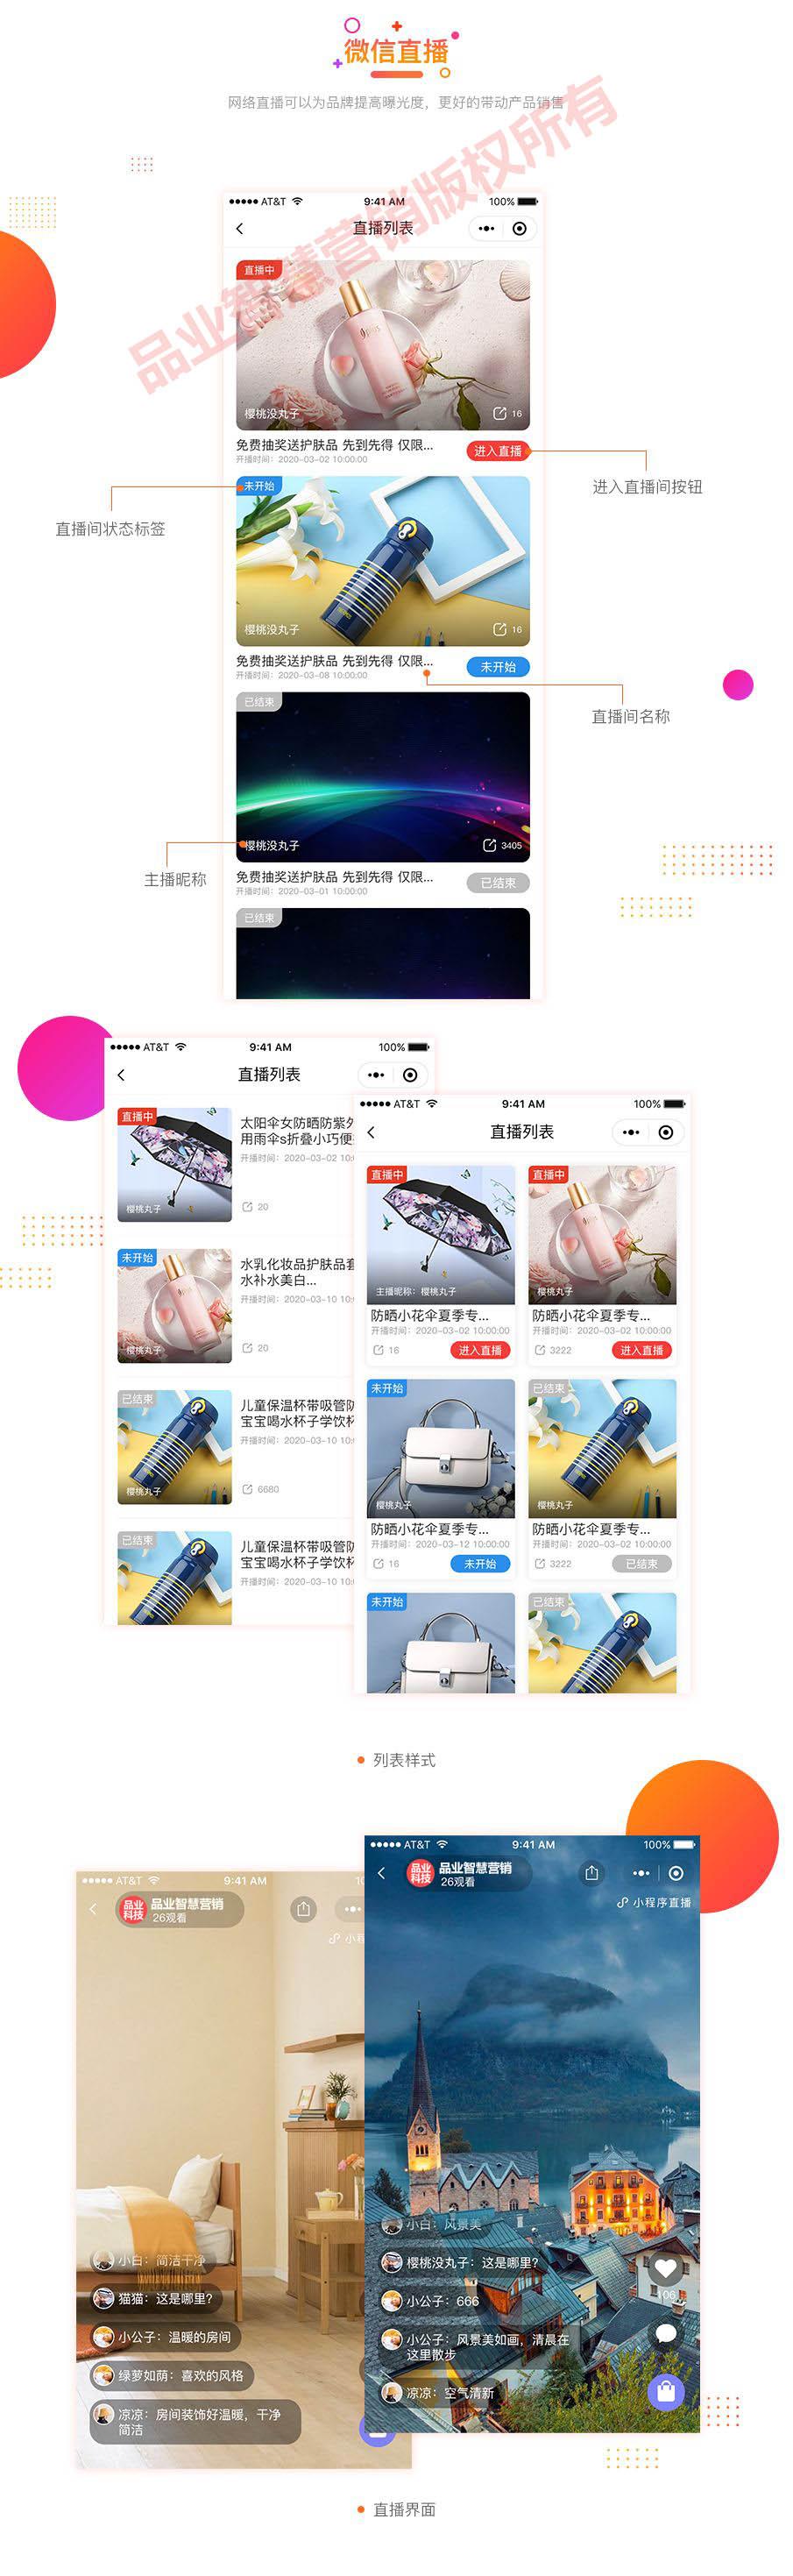 品业科技短视频营销系统助力新零售